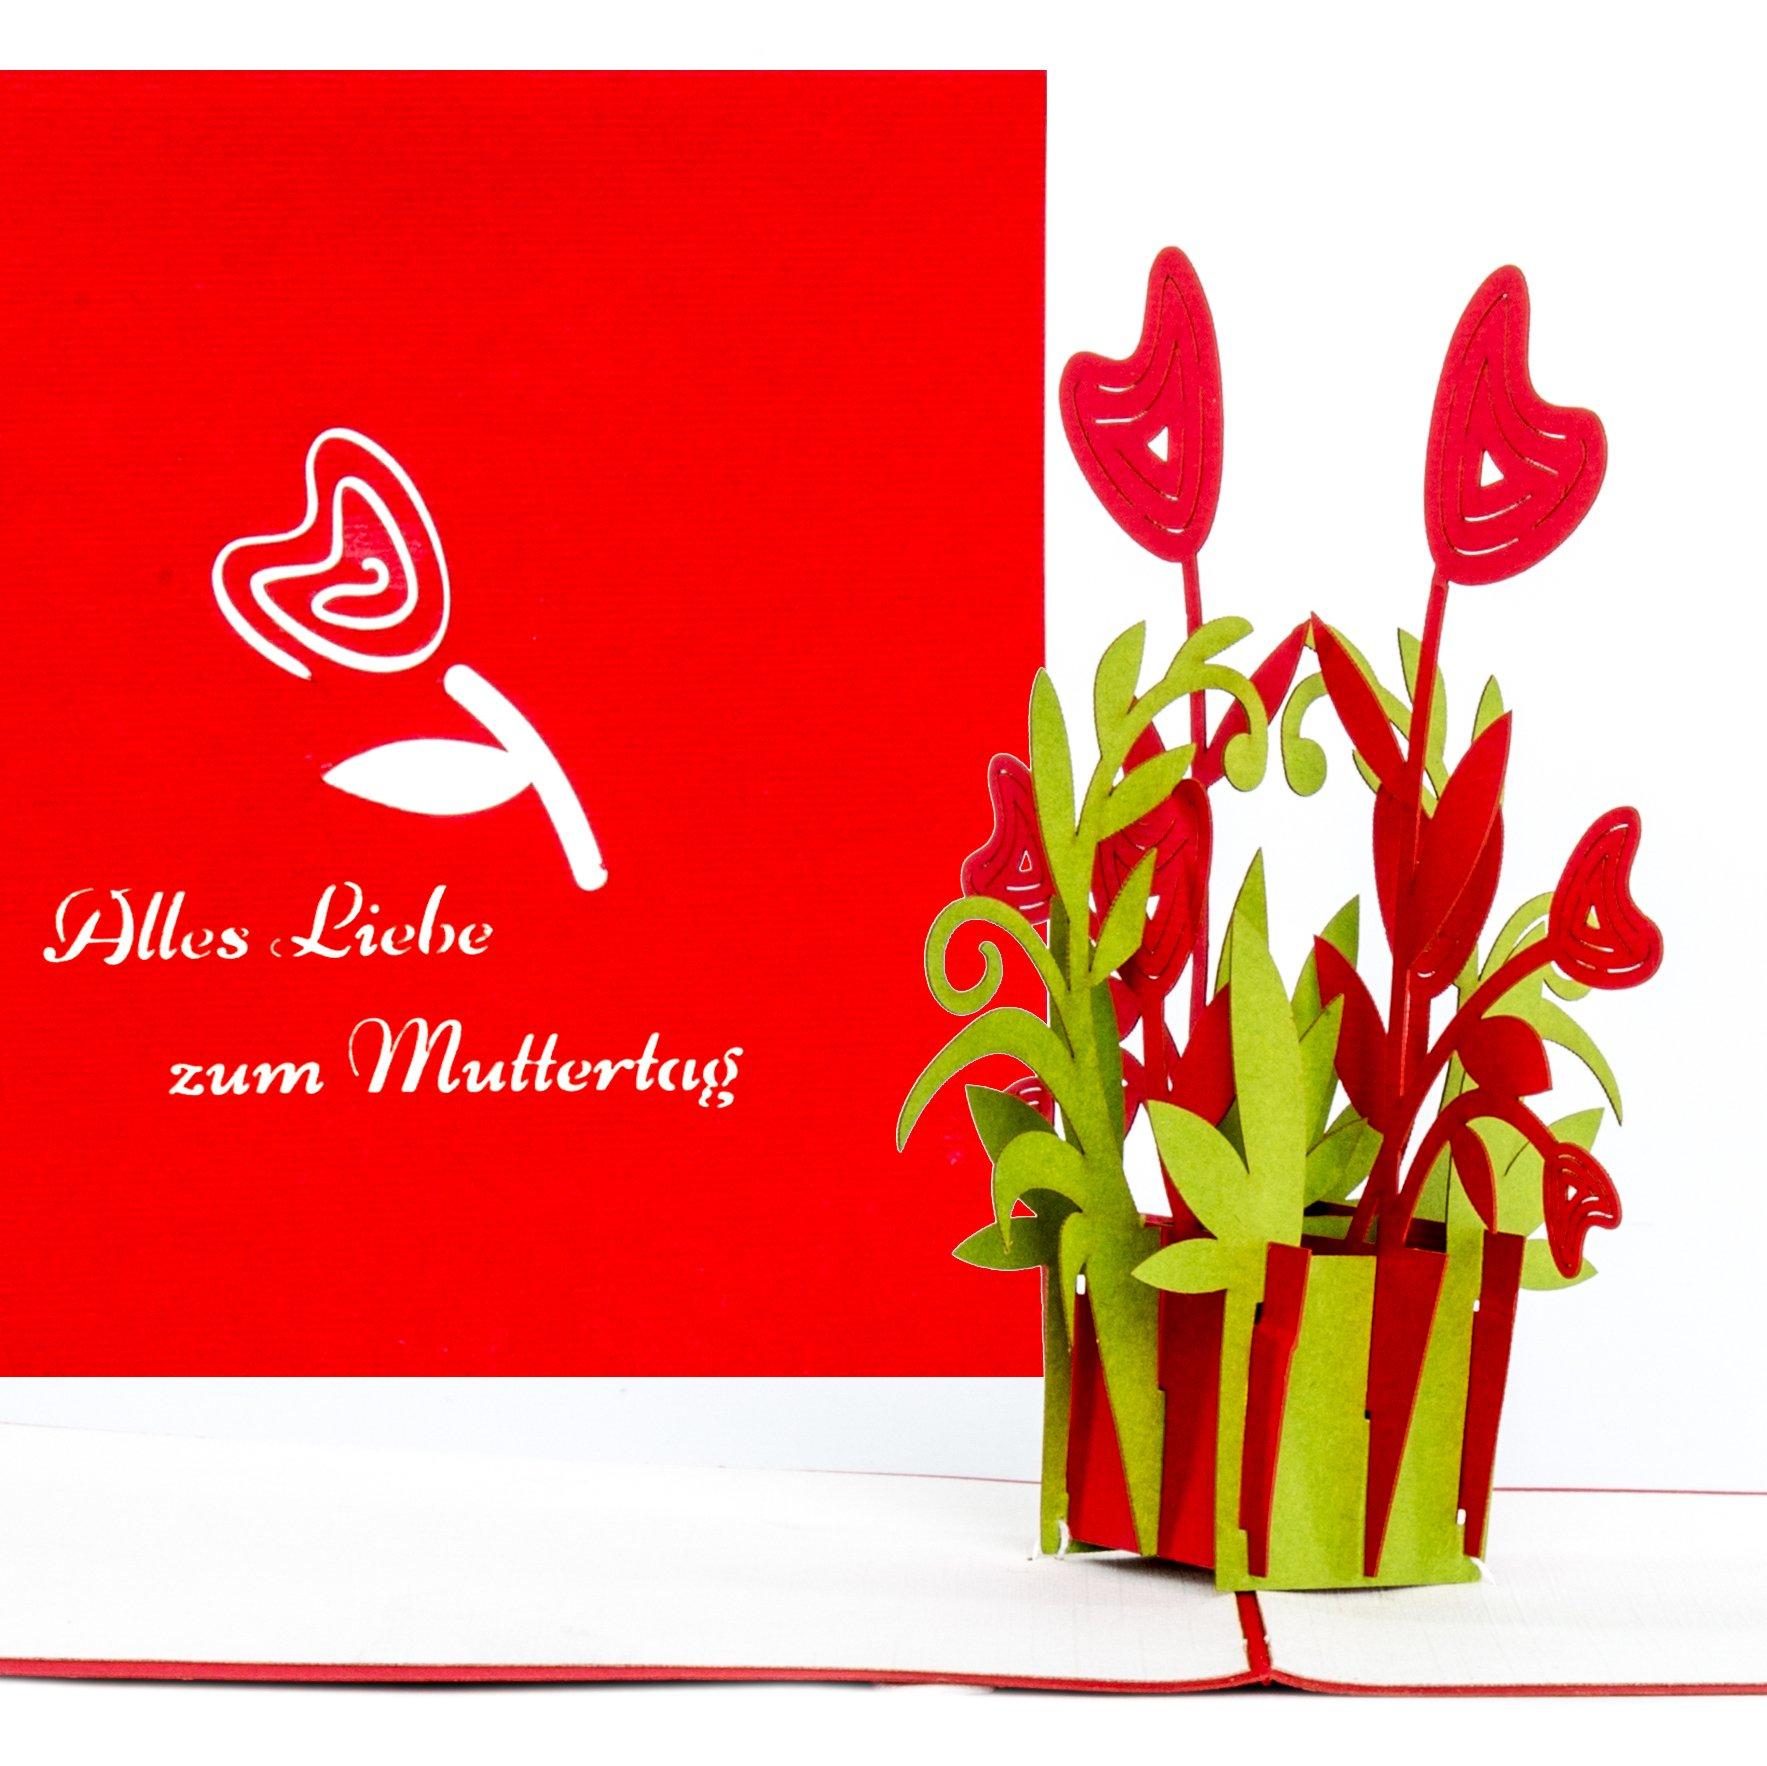 Muttertag Karte.3d Pop Up Karte Muttertagskarte Alles Liebe Zum Muttertag Grusskartenkaufen De